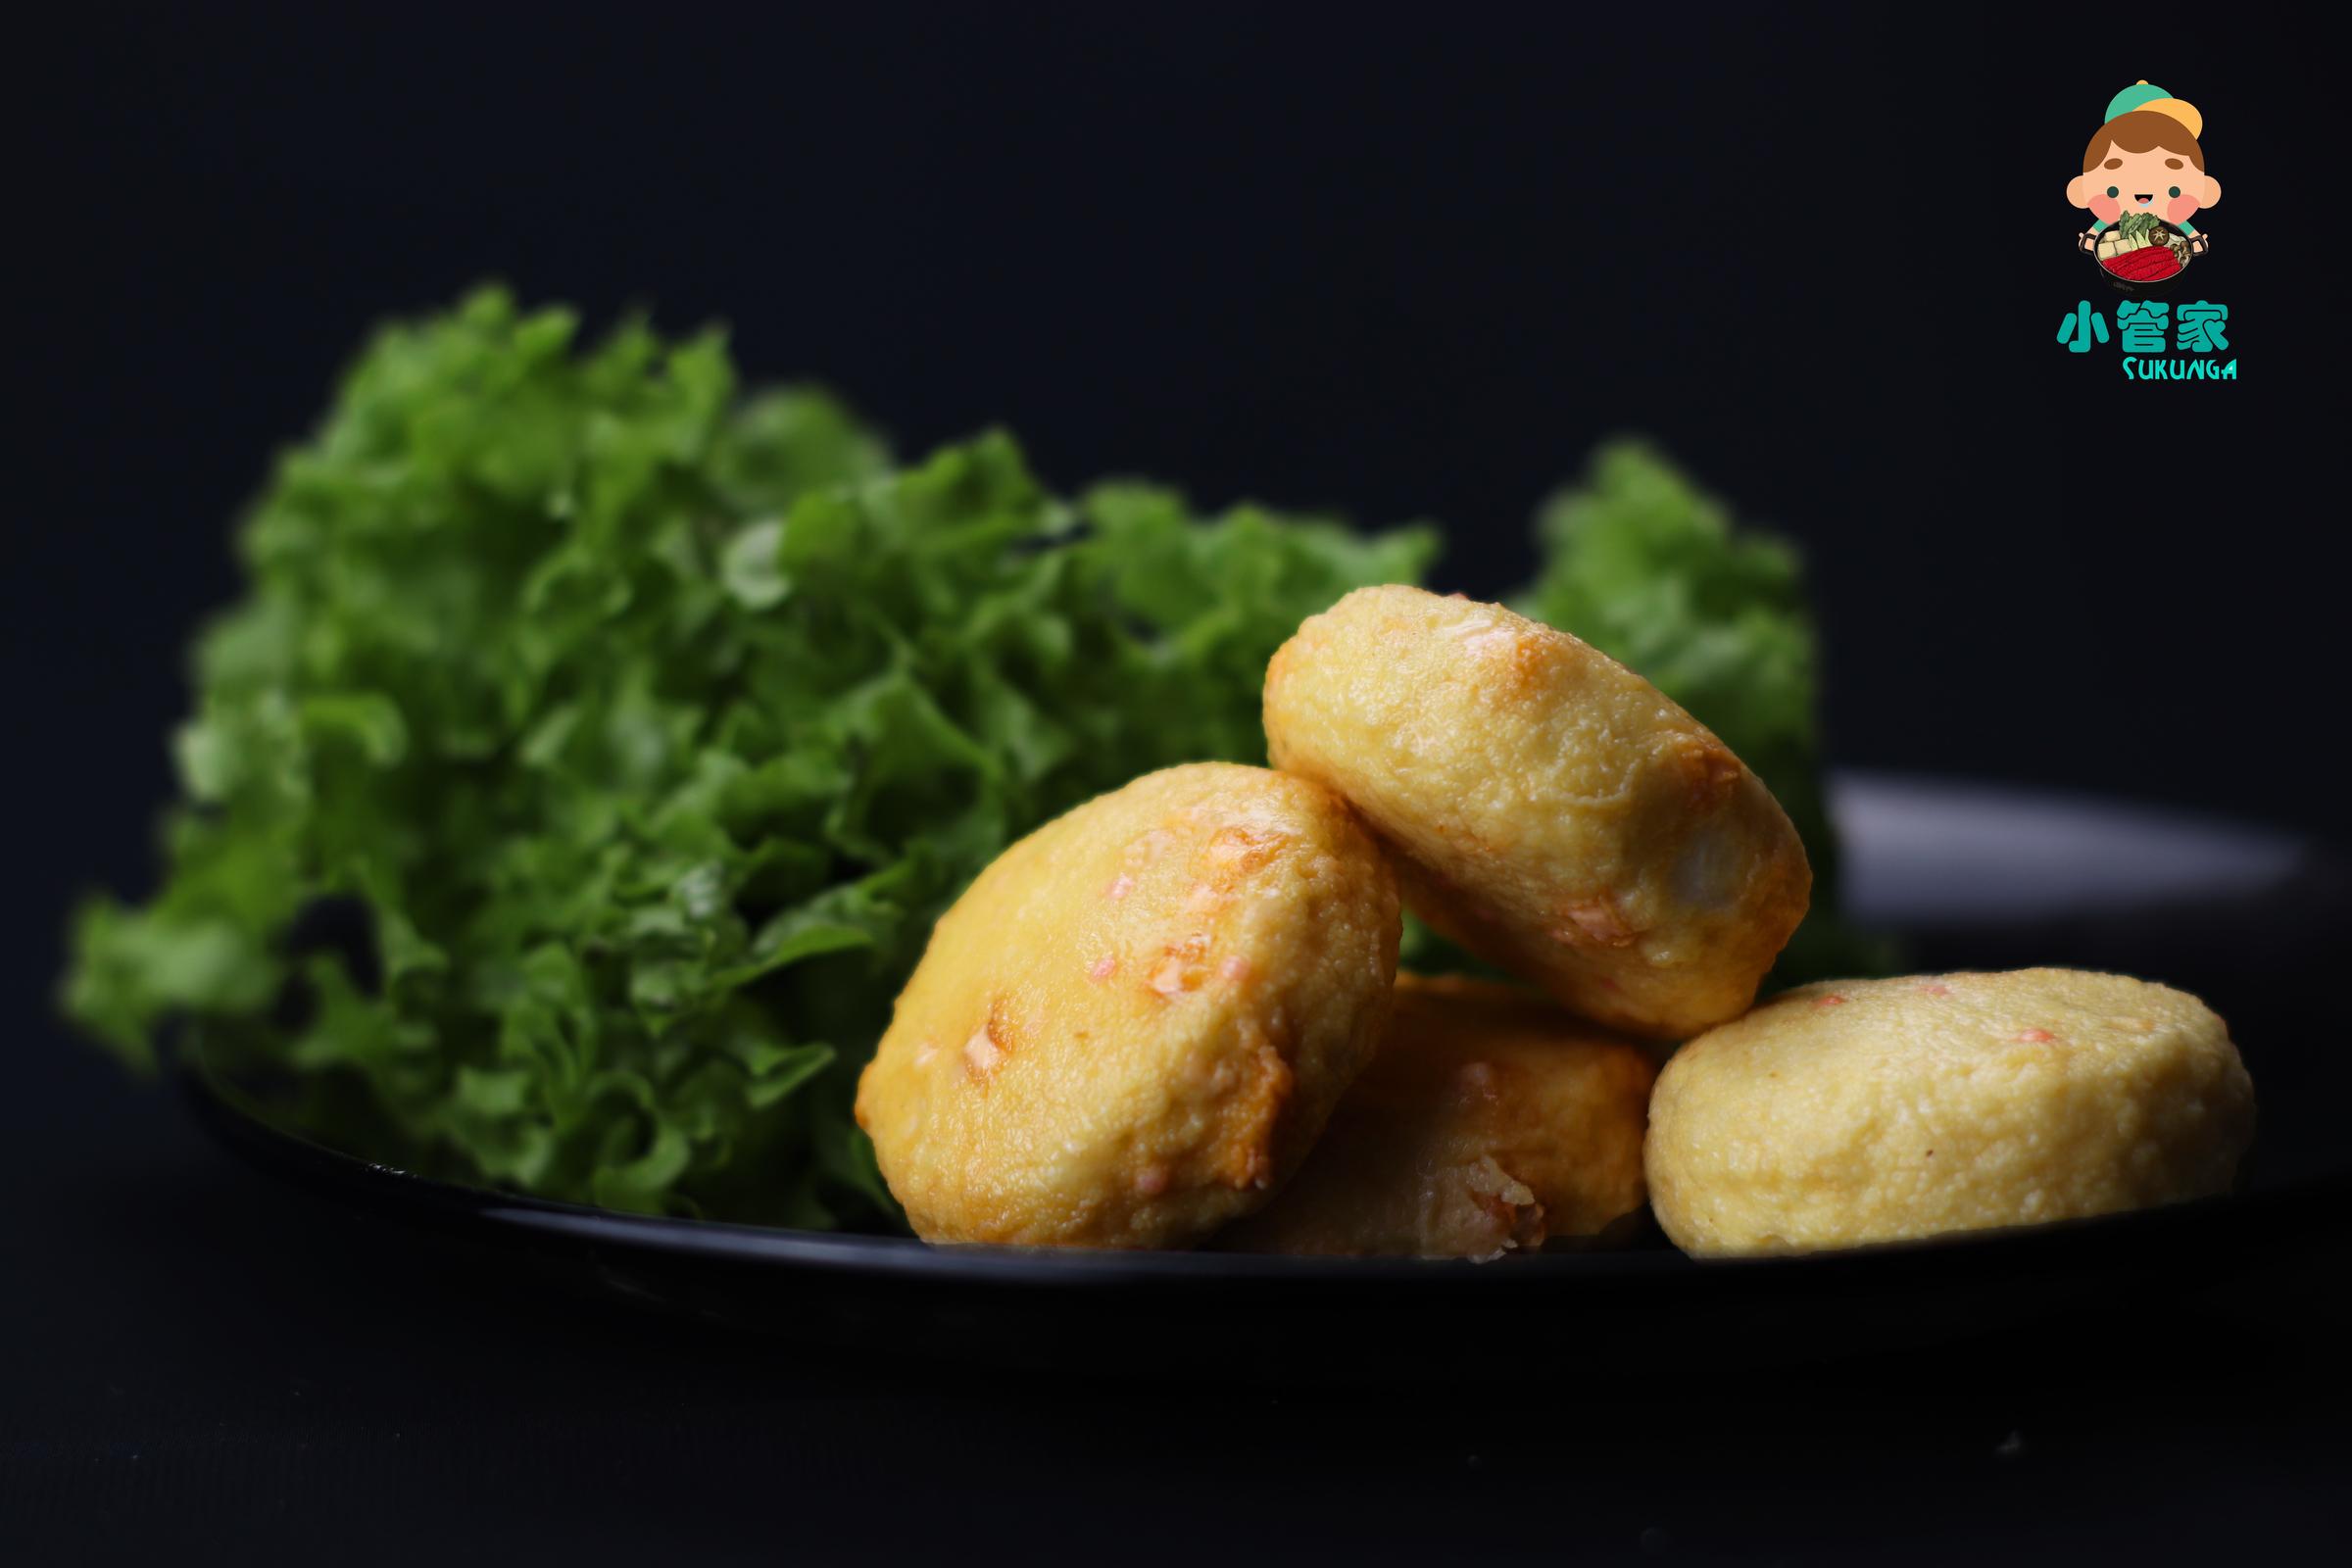 芝士海鲜豆腐.jpg